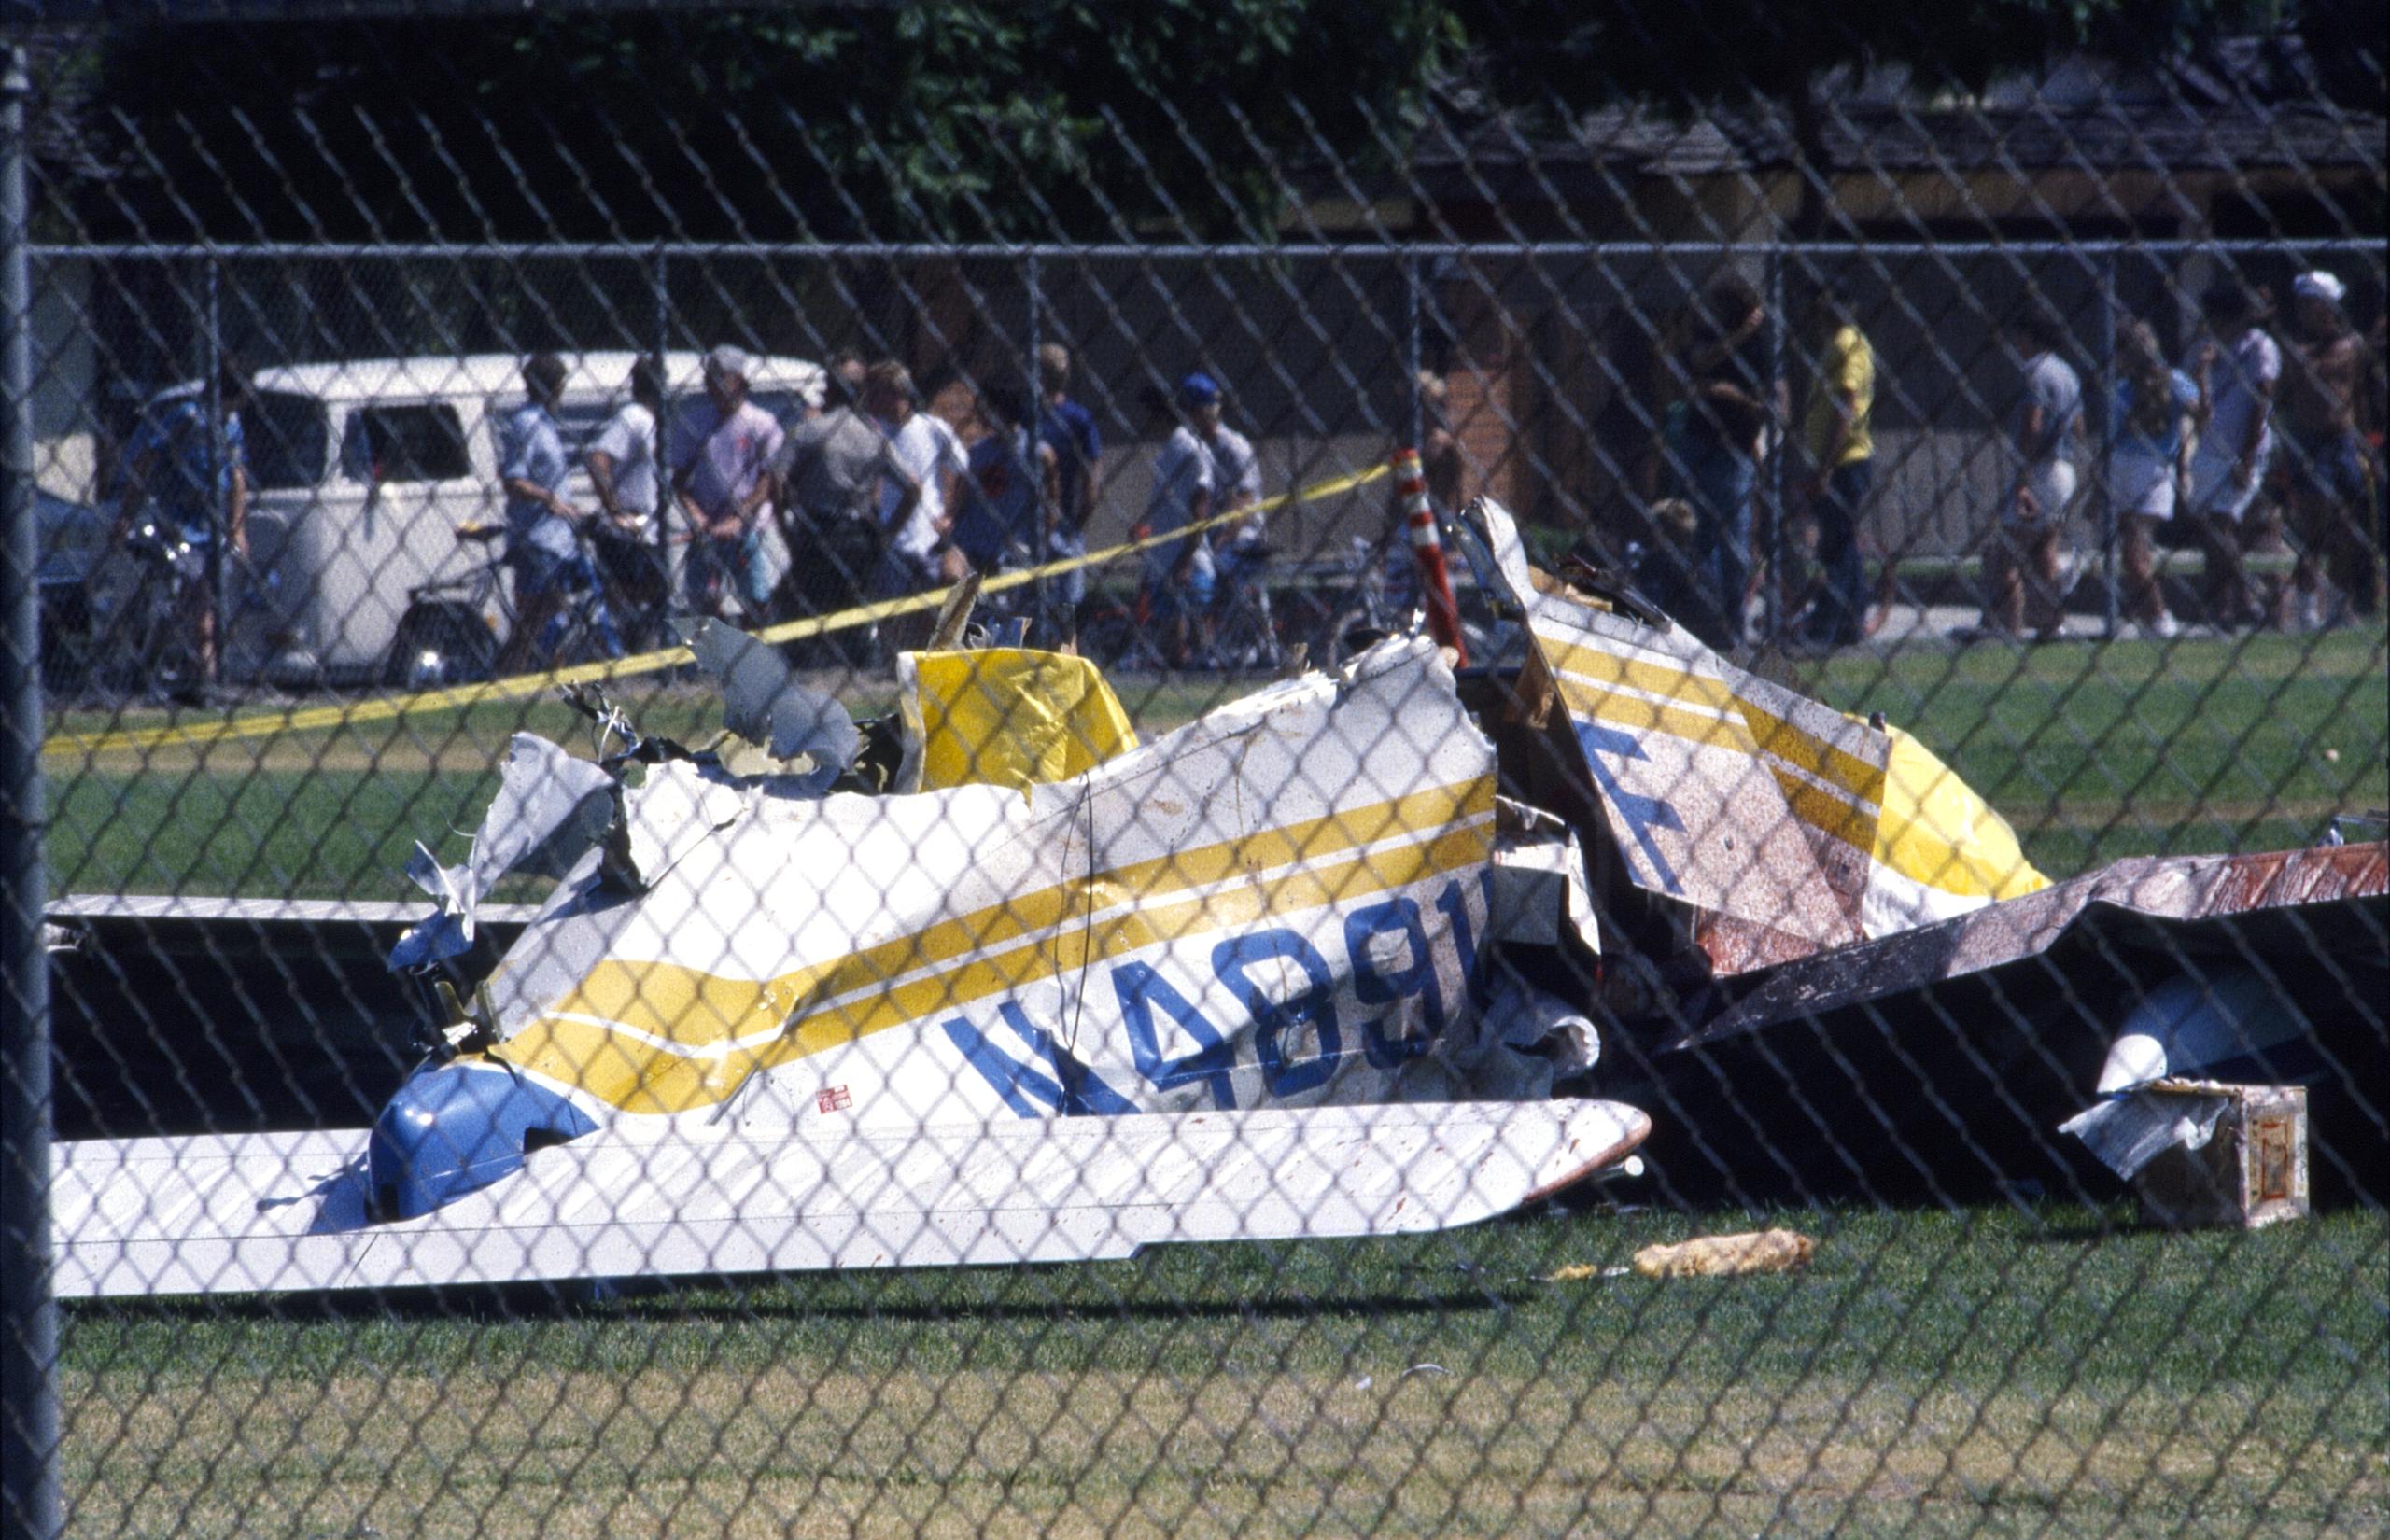 Cessna Aircraft AeroMexico Jetliner crash Cerritos CA